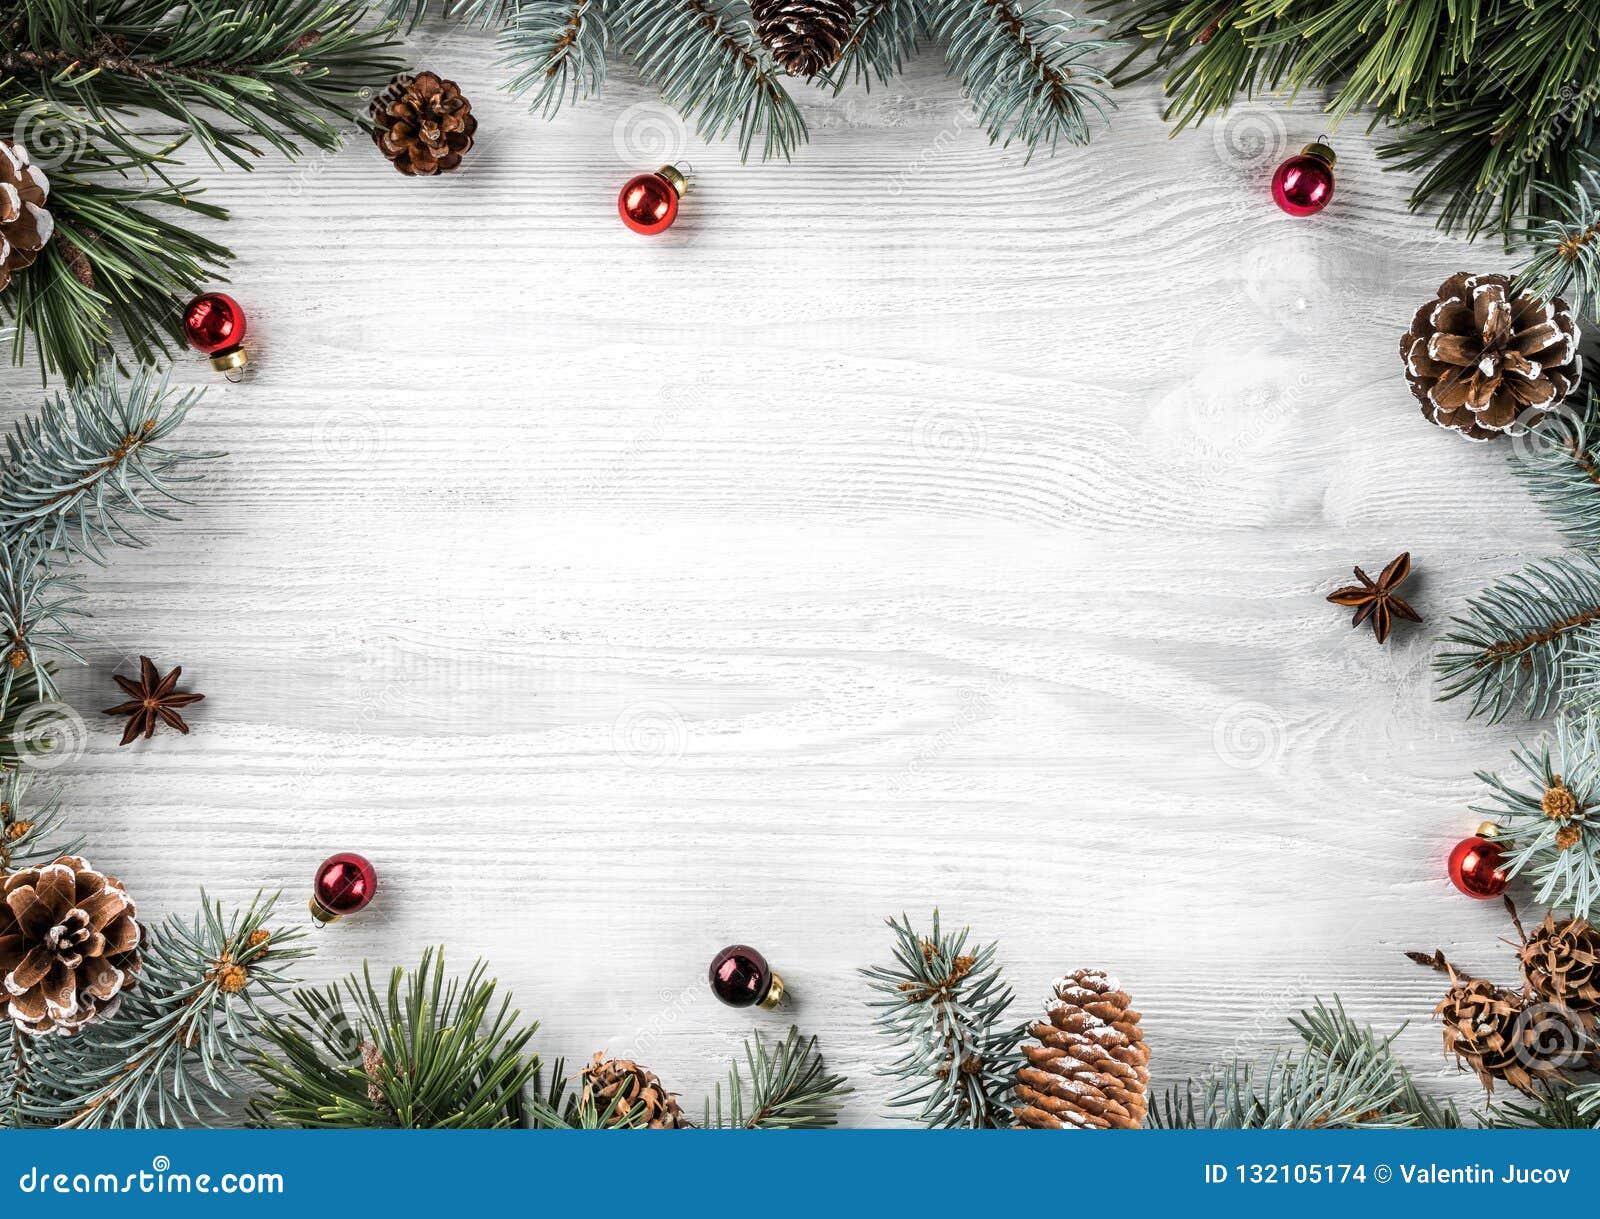 Το δημιουργικό πλαίσιο φιαγμένο από έλατο Χριστουγέννων διακλαδίζεται στο άσπρο ξύλινο υπόβαθρο με την κόκκινη διακόσμηση, κώνοι